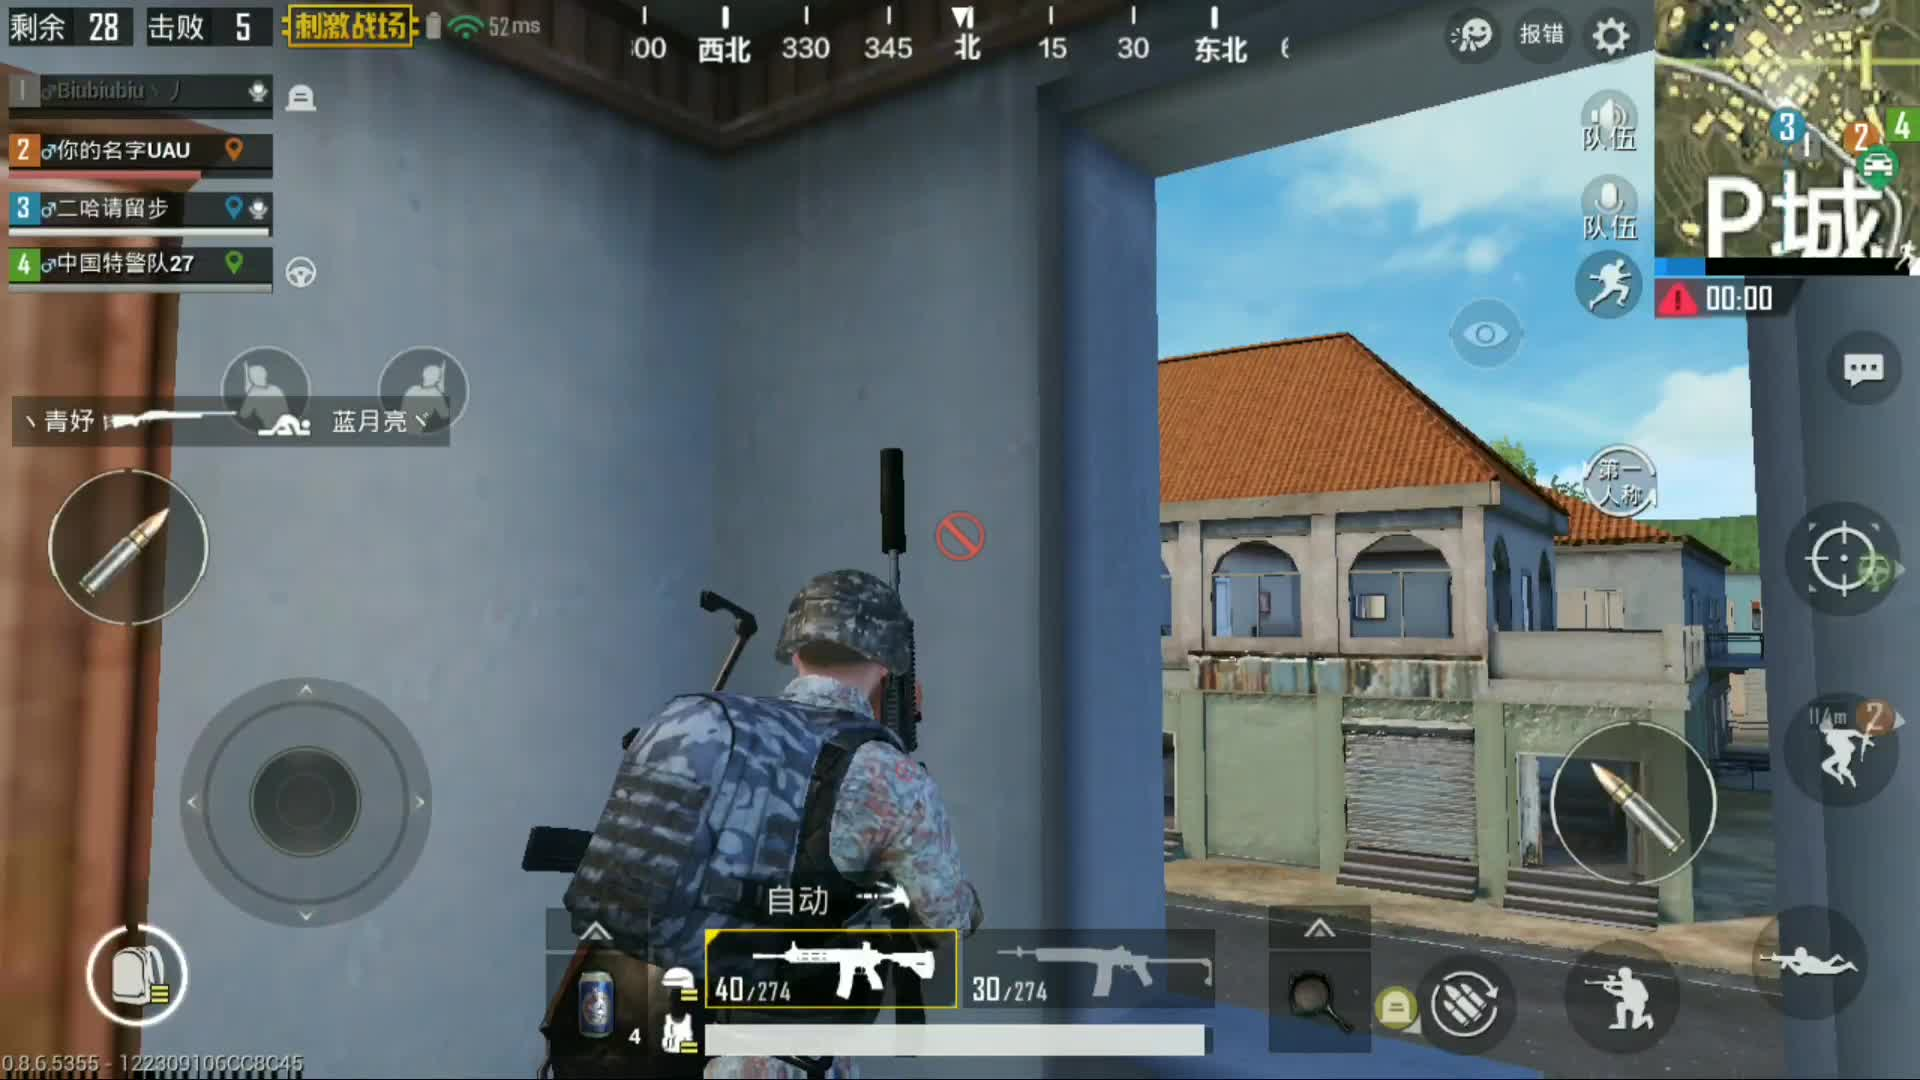 #今晚吃鸡#刺激战场:上房顶这位同学,你过分了哈